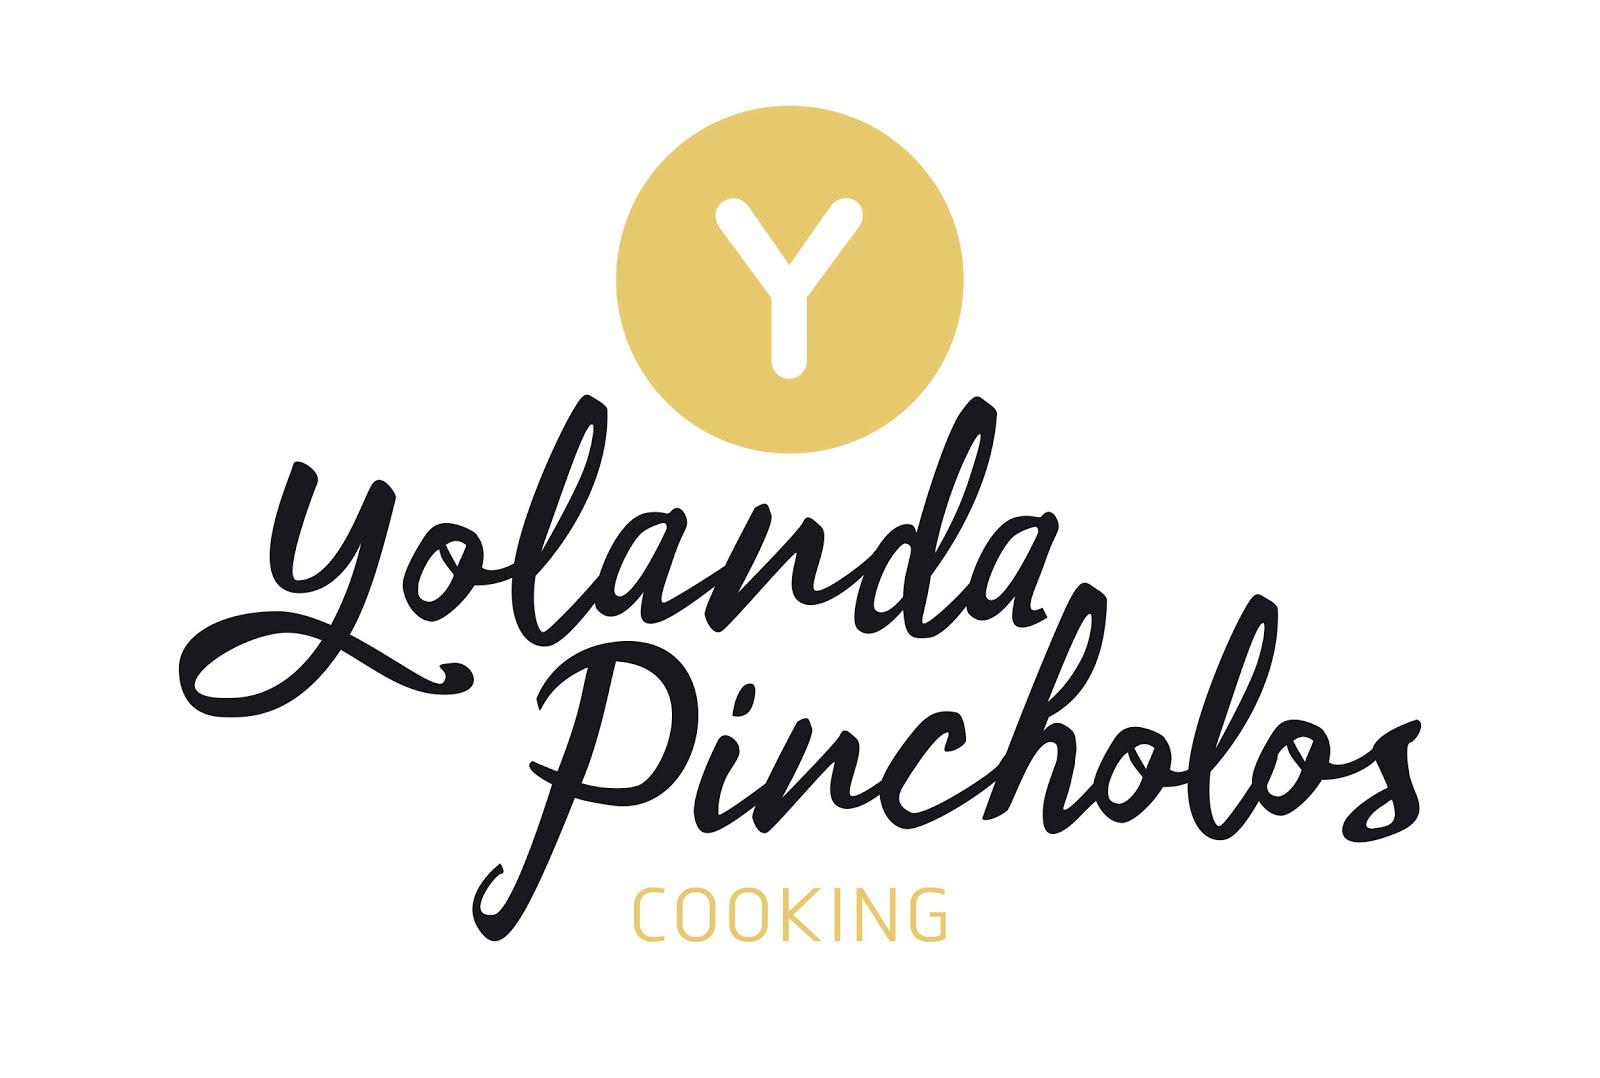 Nueva web Yolanda Pincholos Cooking